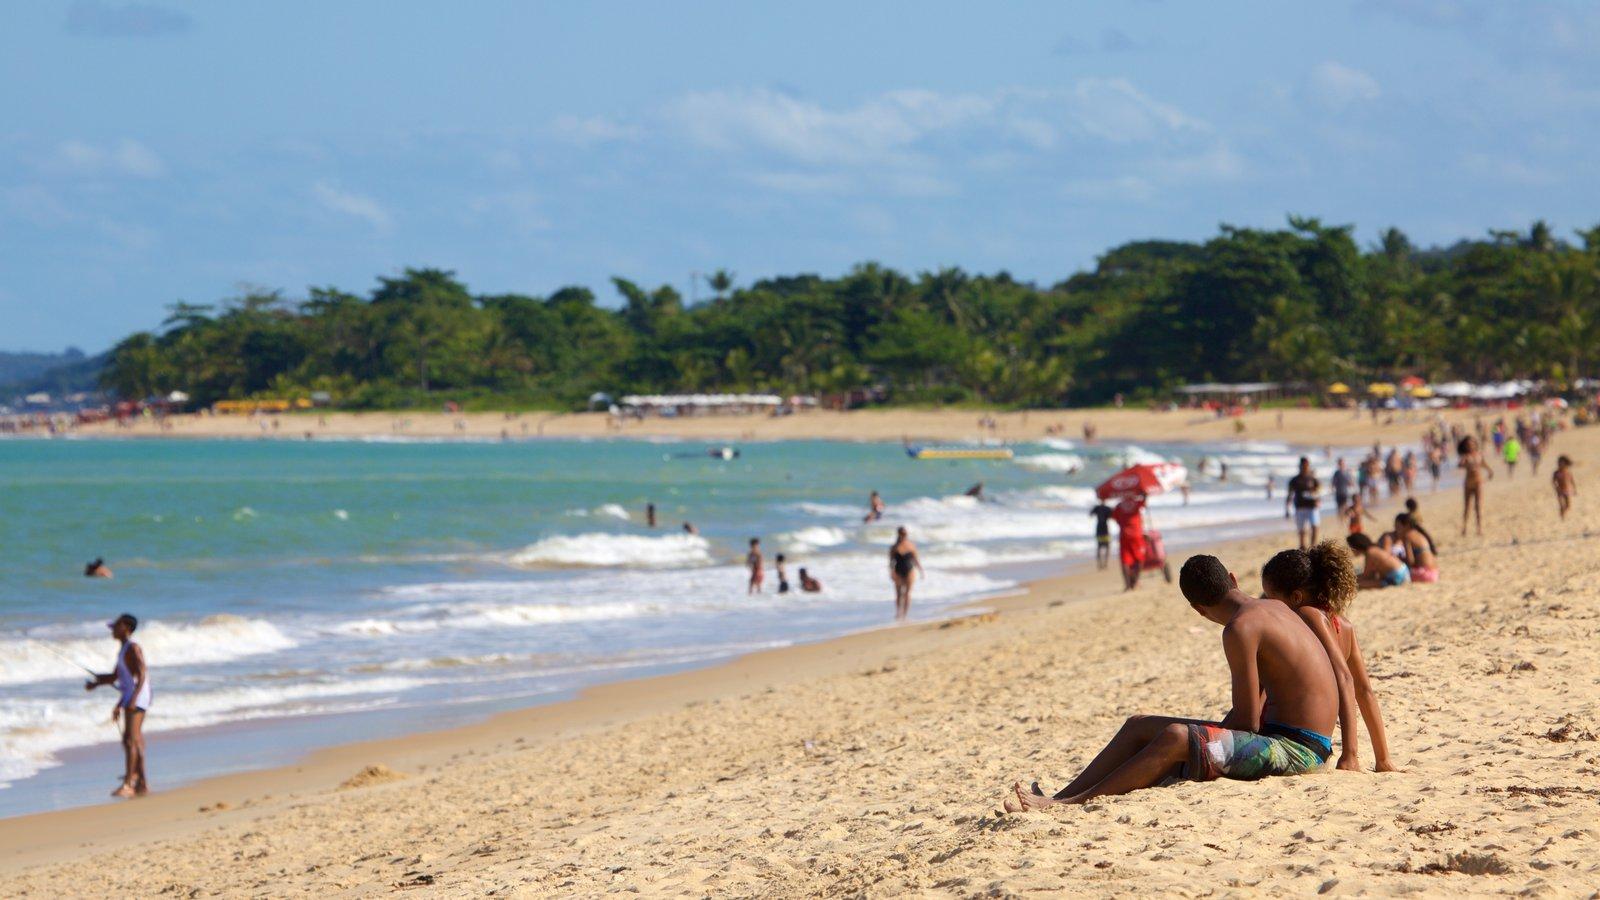 Praia de Taperapuã mostrando paisagens litorâneas e uma praia de areia assim como um casal